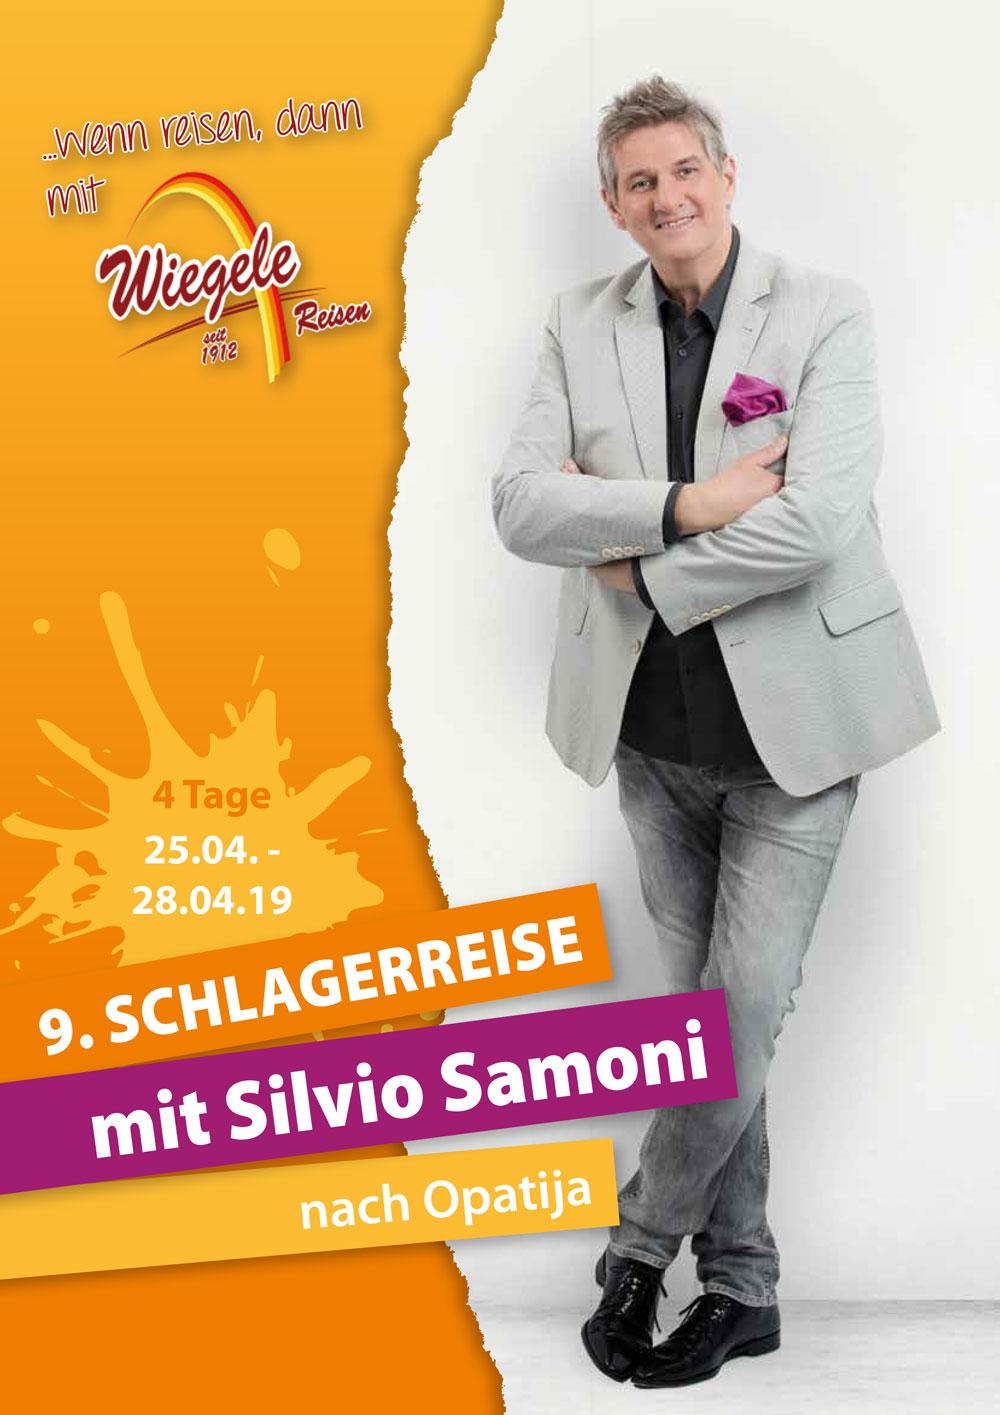 9. SCHLAGERREISE – Mit Silvio Samoni Nach Opatija